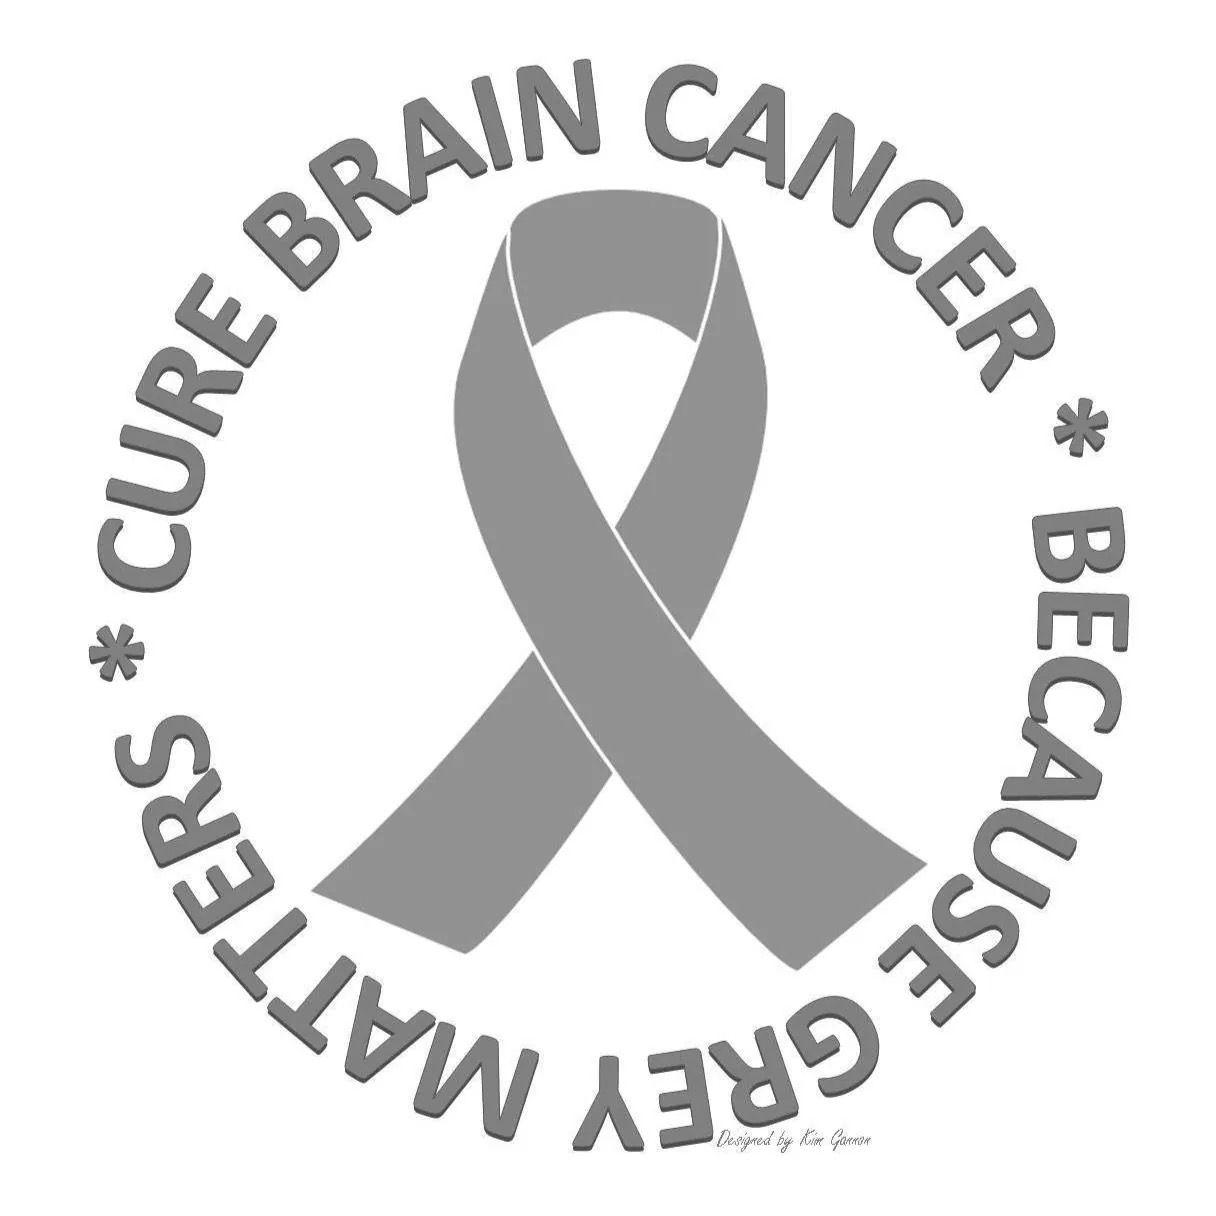 Cancer Sucks Quotes: Brain Tumors/Cancer Sucks